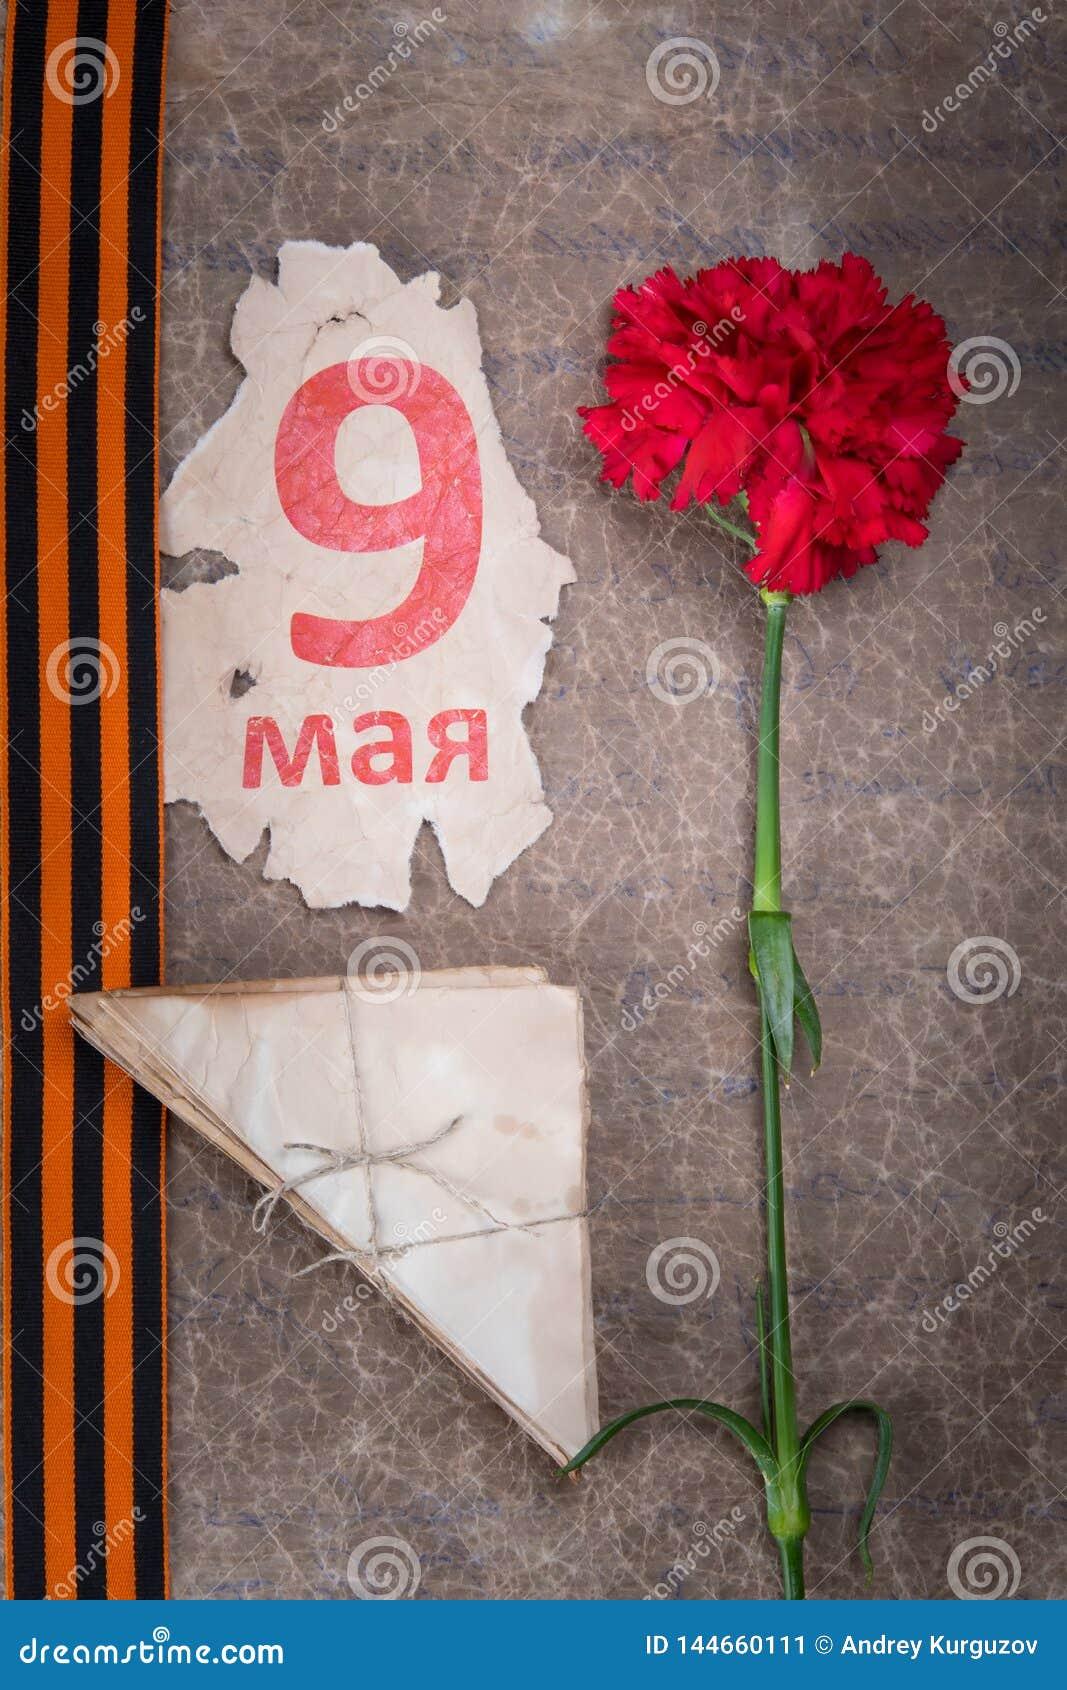 Vor dem hintergrund des alten Papiers, der roten Gartennelke, St- Georgebandes, der Umschläge und eines Kalenderblattes mit der